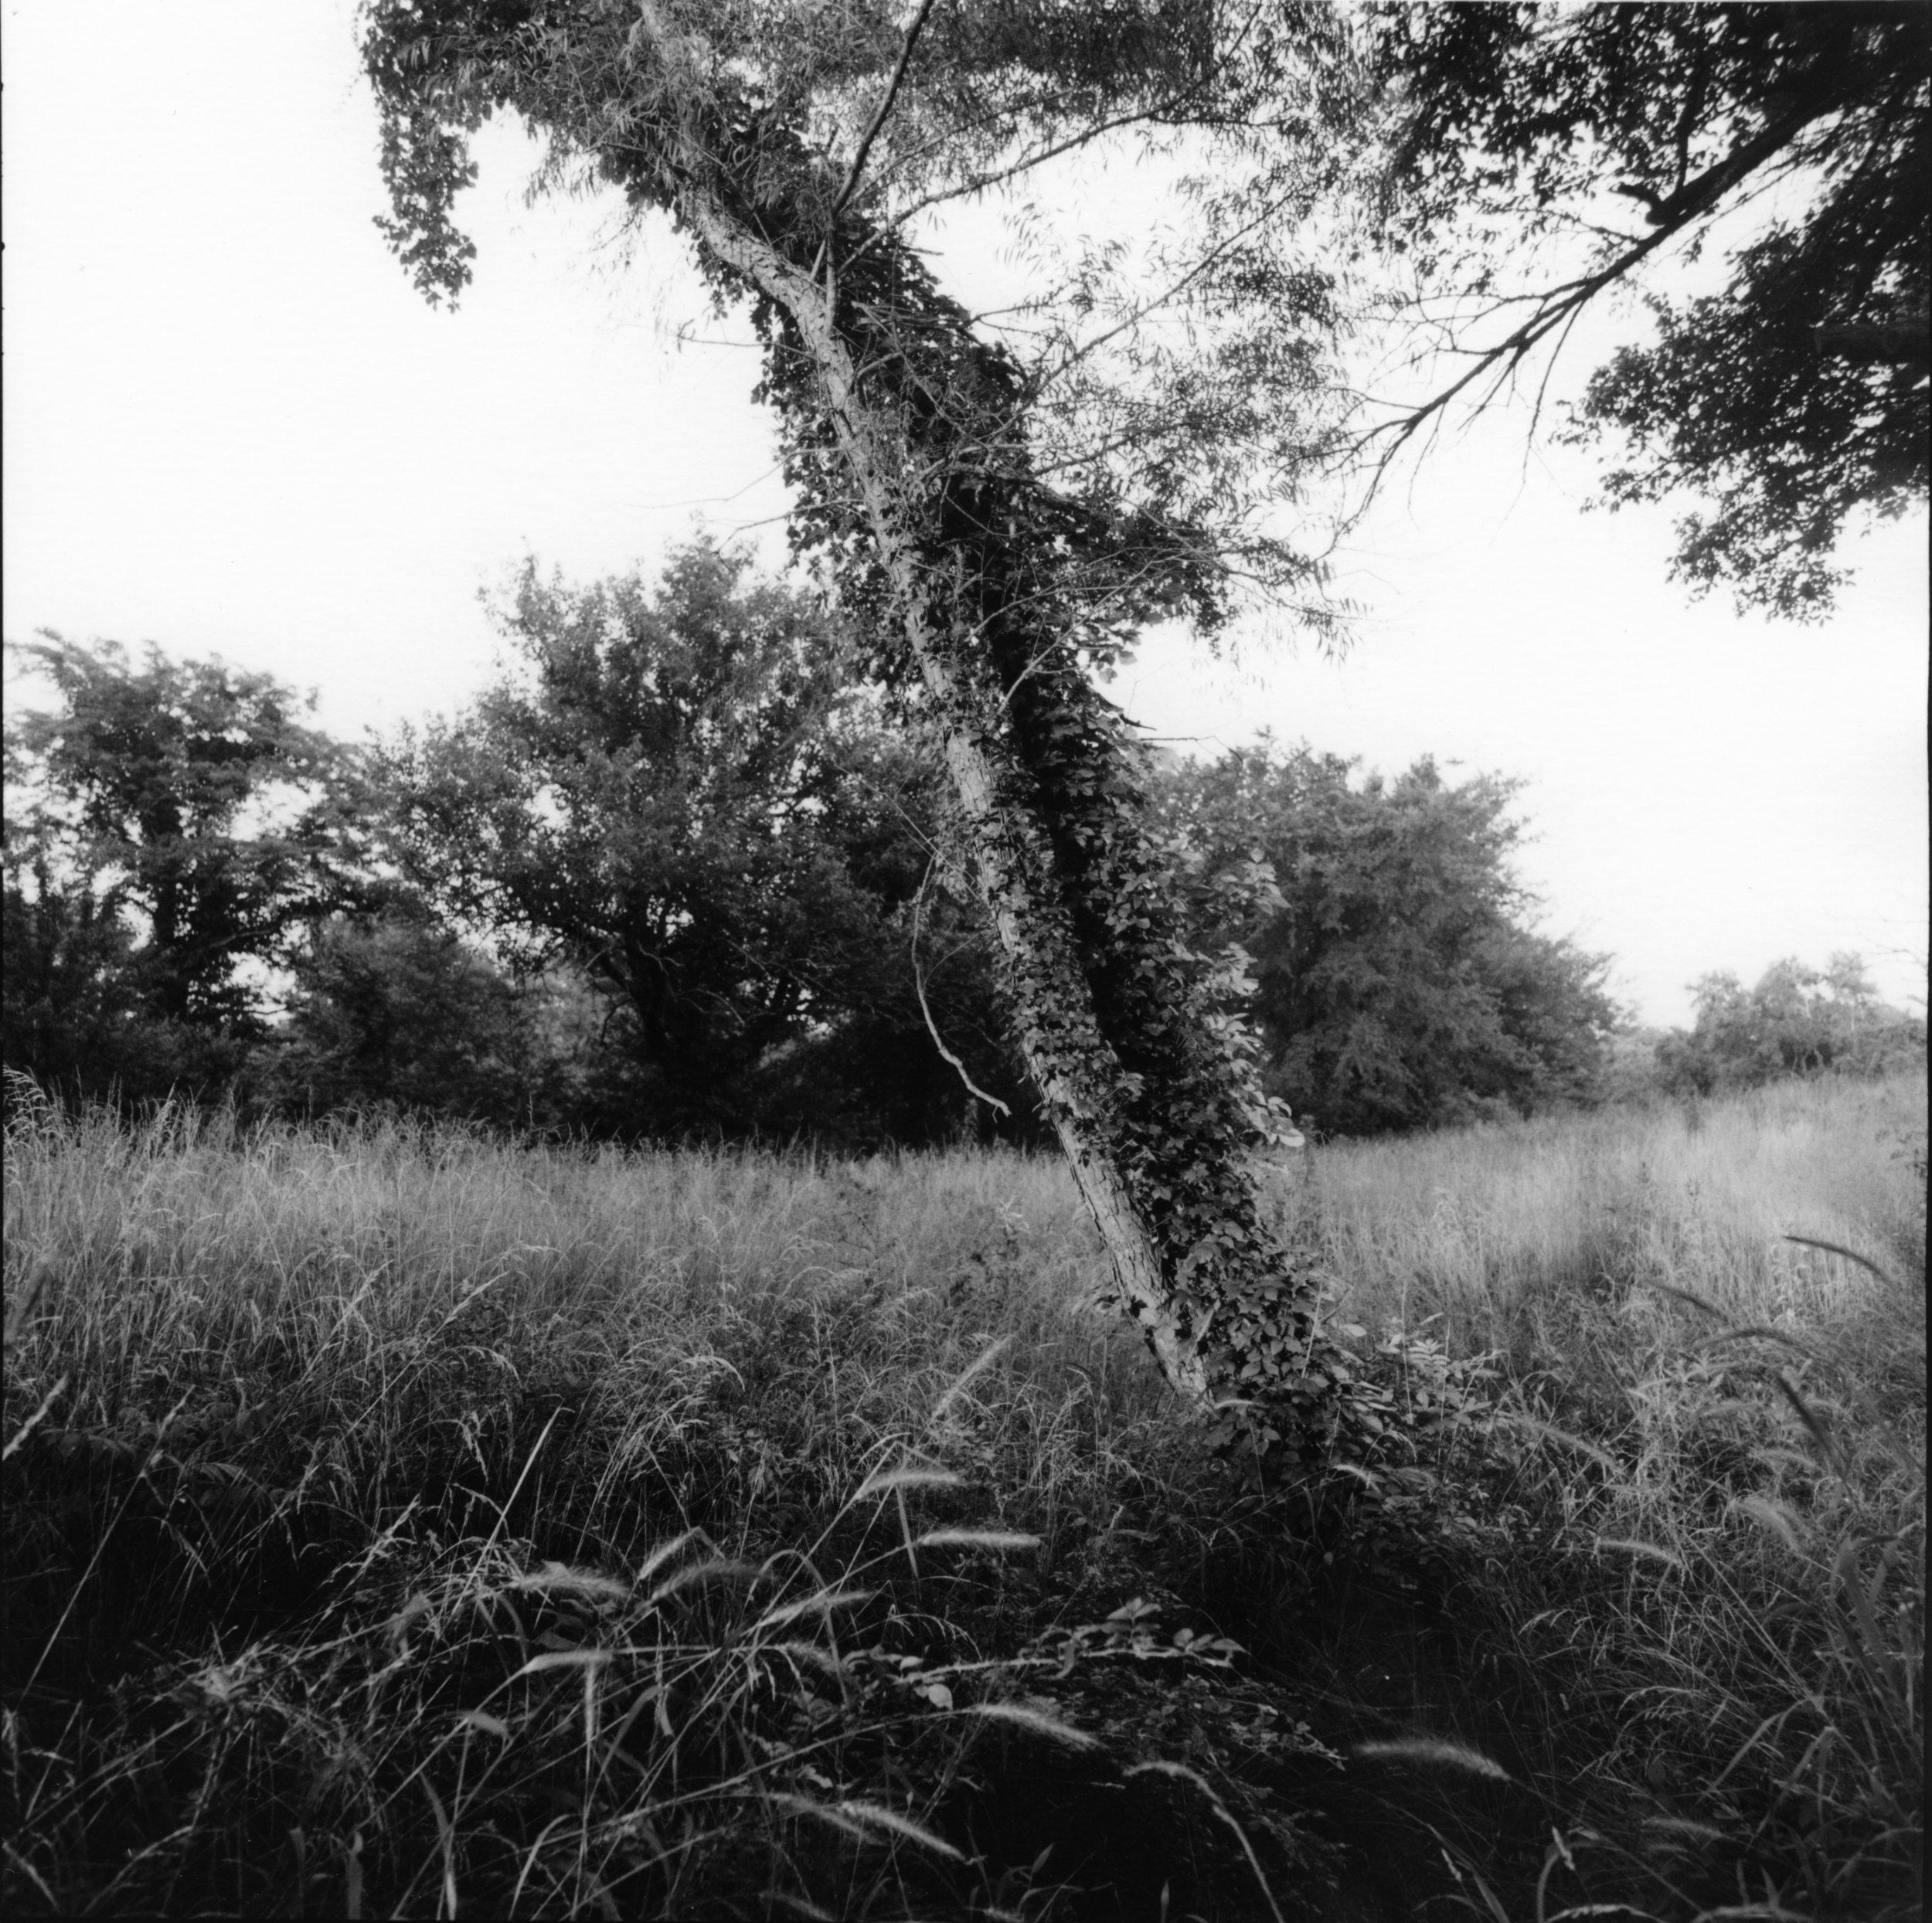 Honey Springs, Oklahoma, 1999